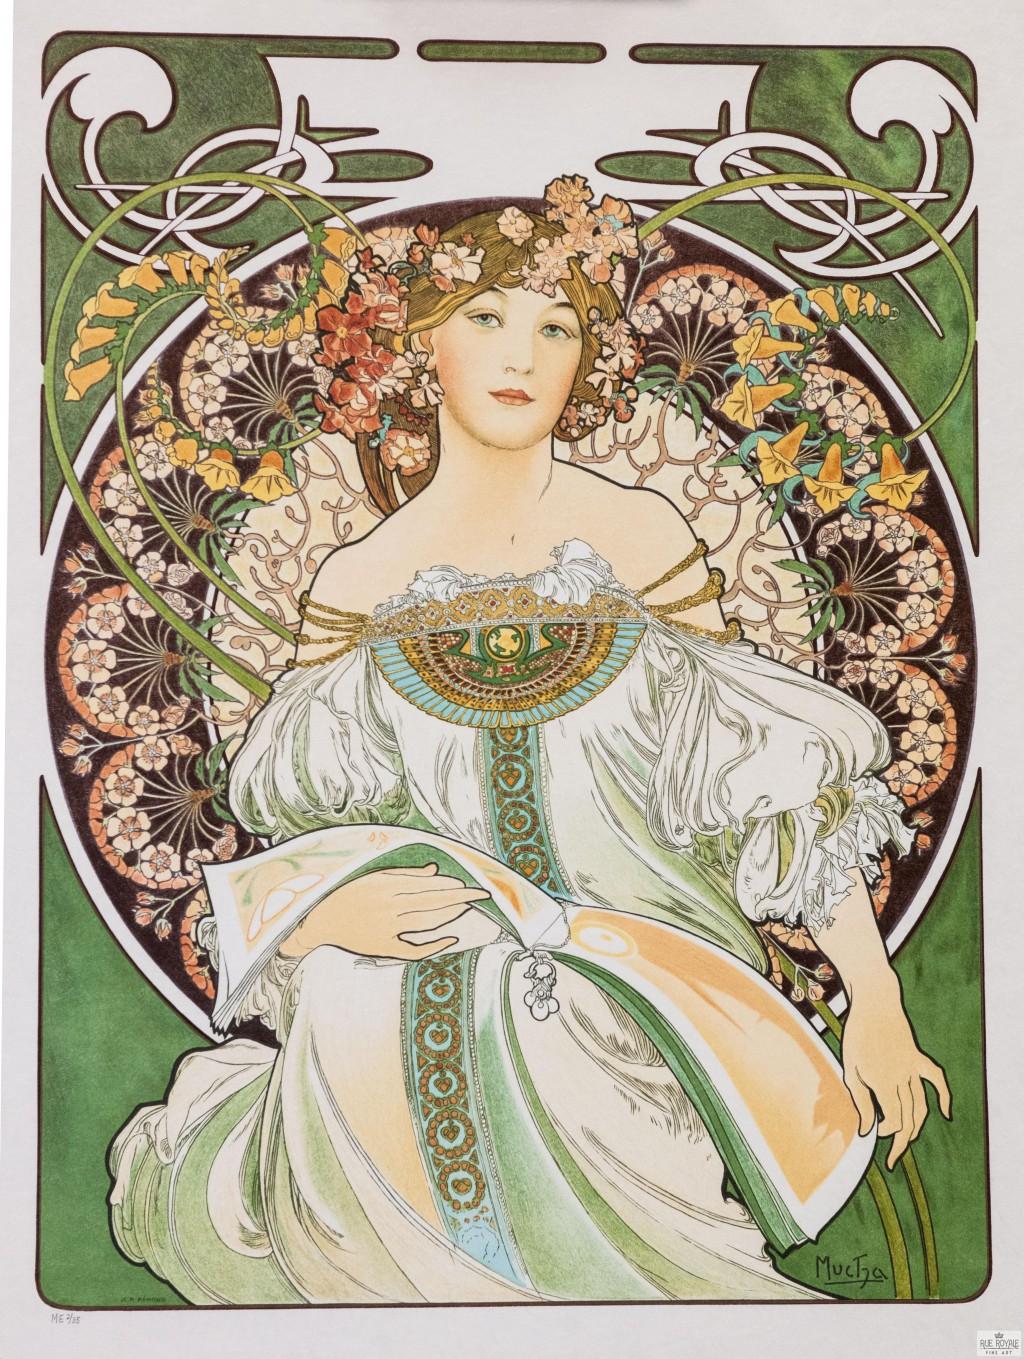 mucha calendar bland champenois girl bohemian dress flower garland